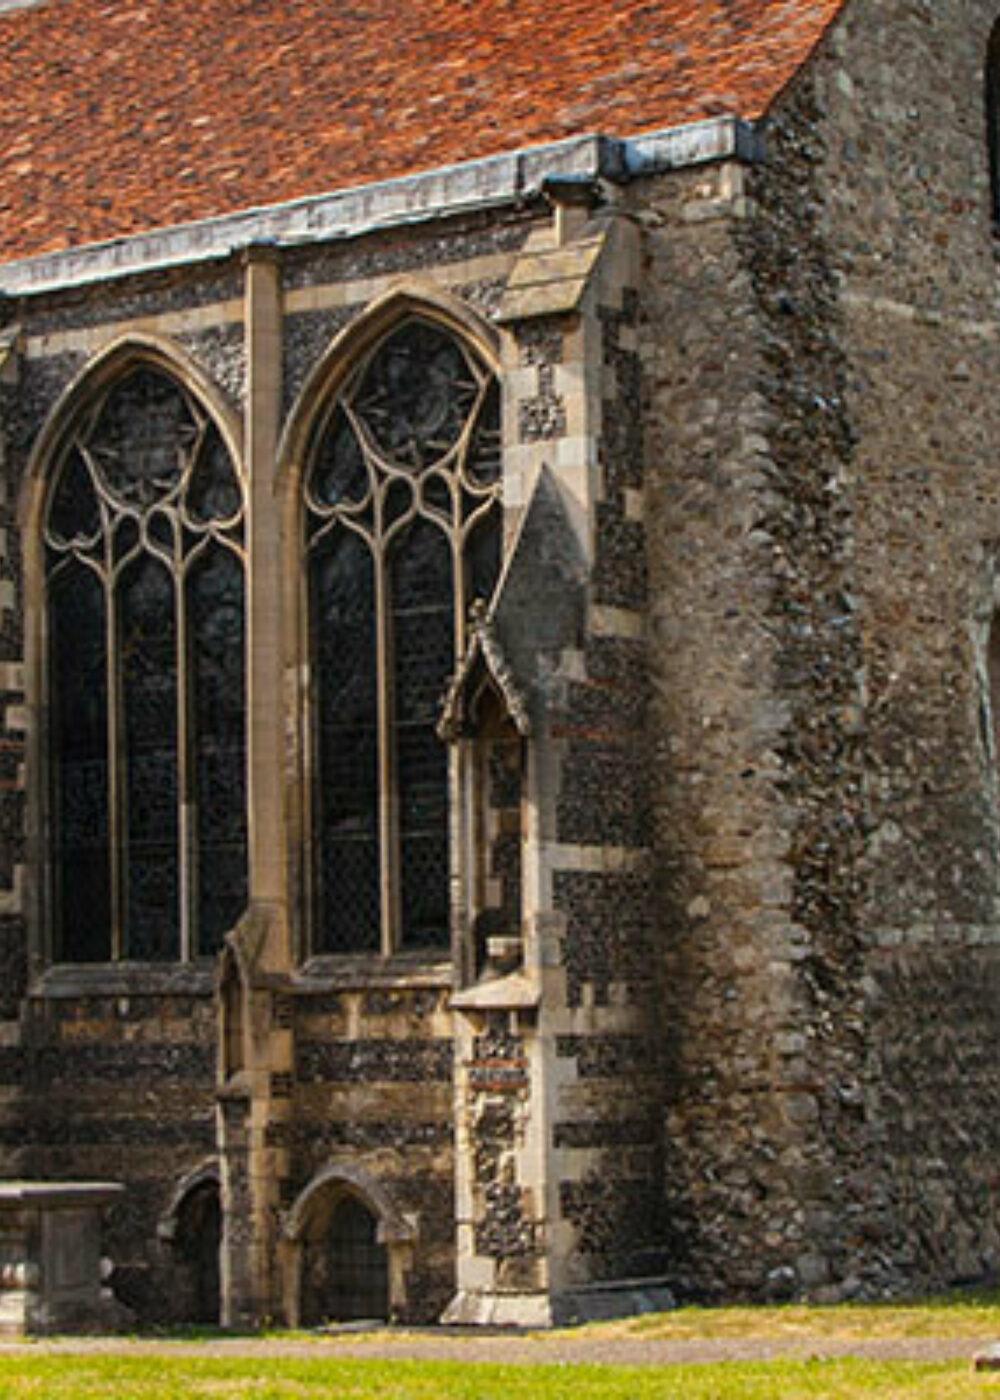 Green Motion Car Rental United Kingdom England Walltham Abbey Downtown 1400x400